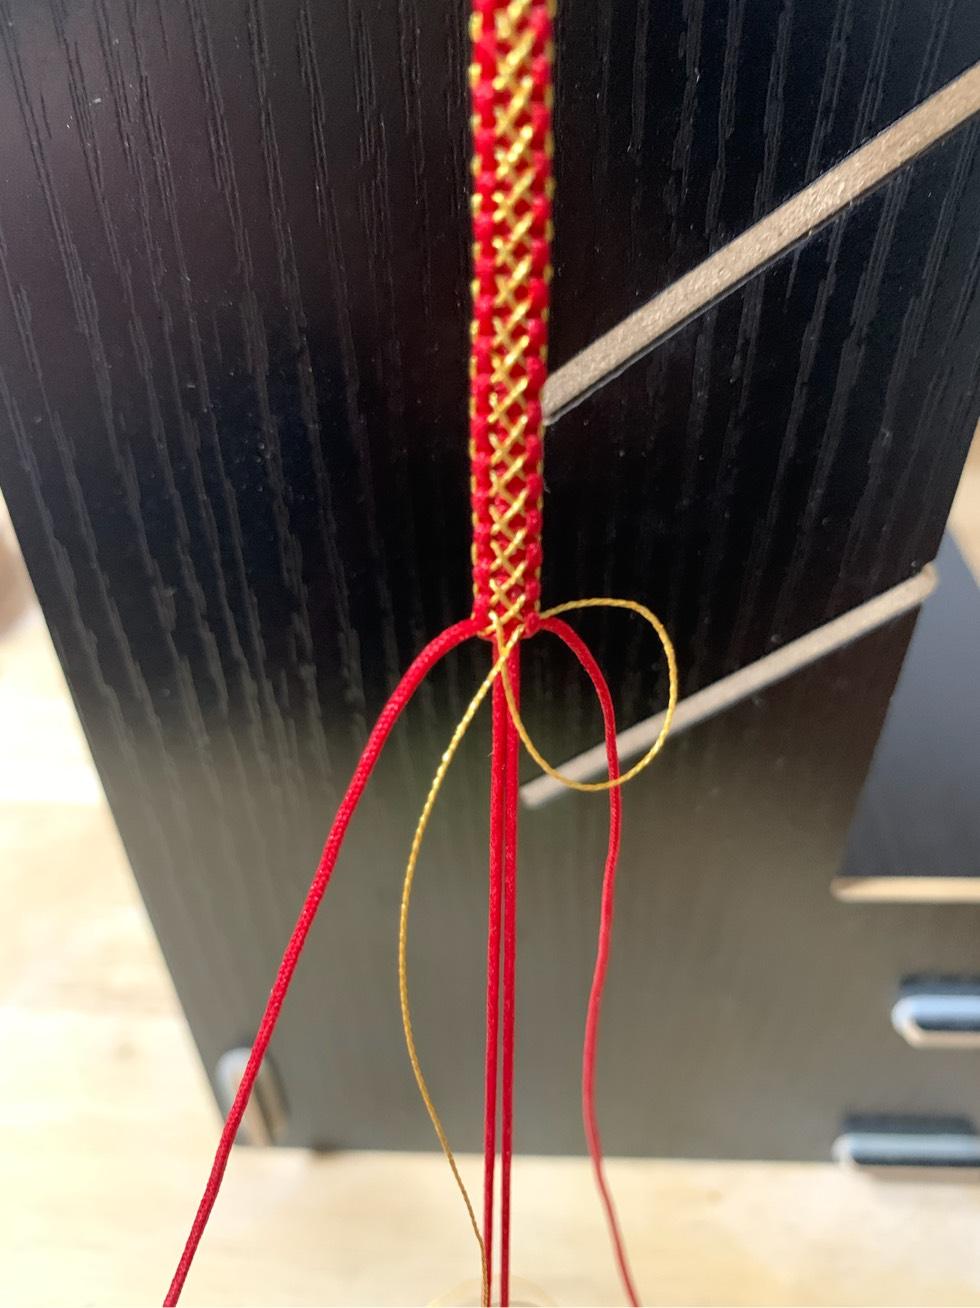 中国结论坛 平结加金线手绳简单编法 一根绳子编法大全简单,金线红绳手链编织,二根绳子各种编法图解,平结加金线的编法,绕金线手链编法 图文教程区 205452qy86vlnwypfry8p9